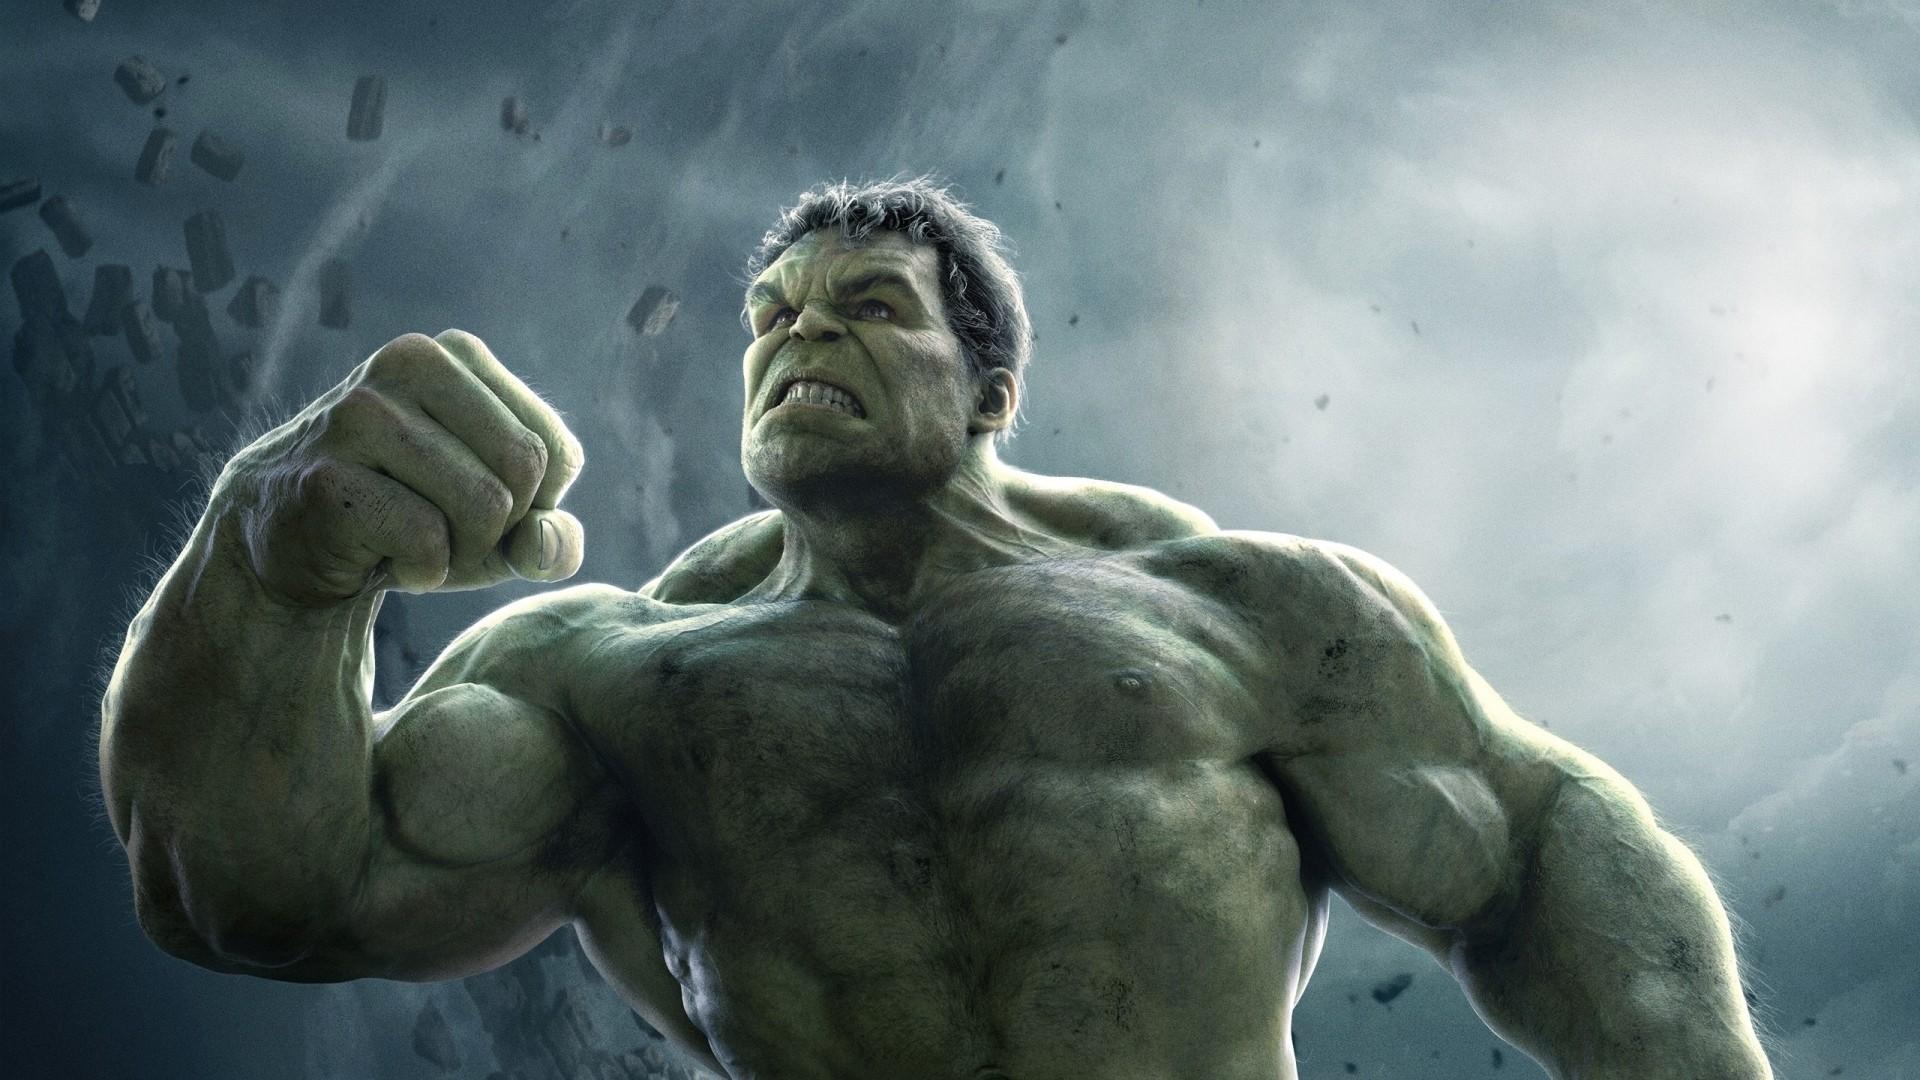 Wallpaper avengers age of ultron, avengers, hulk